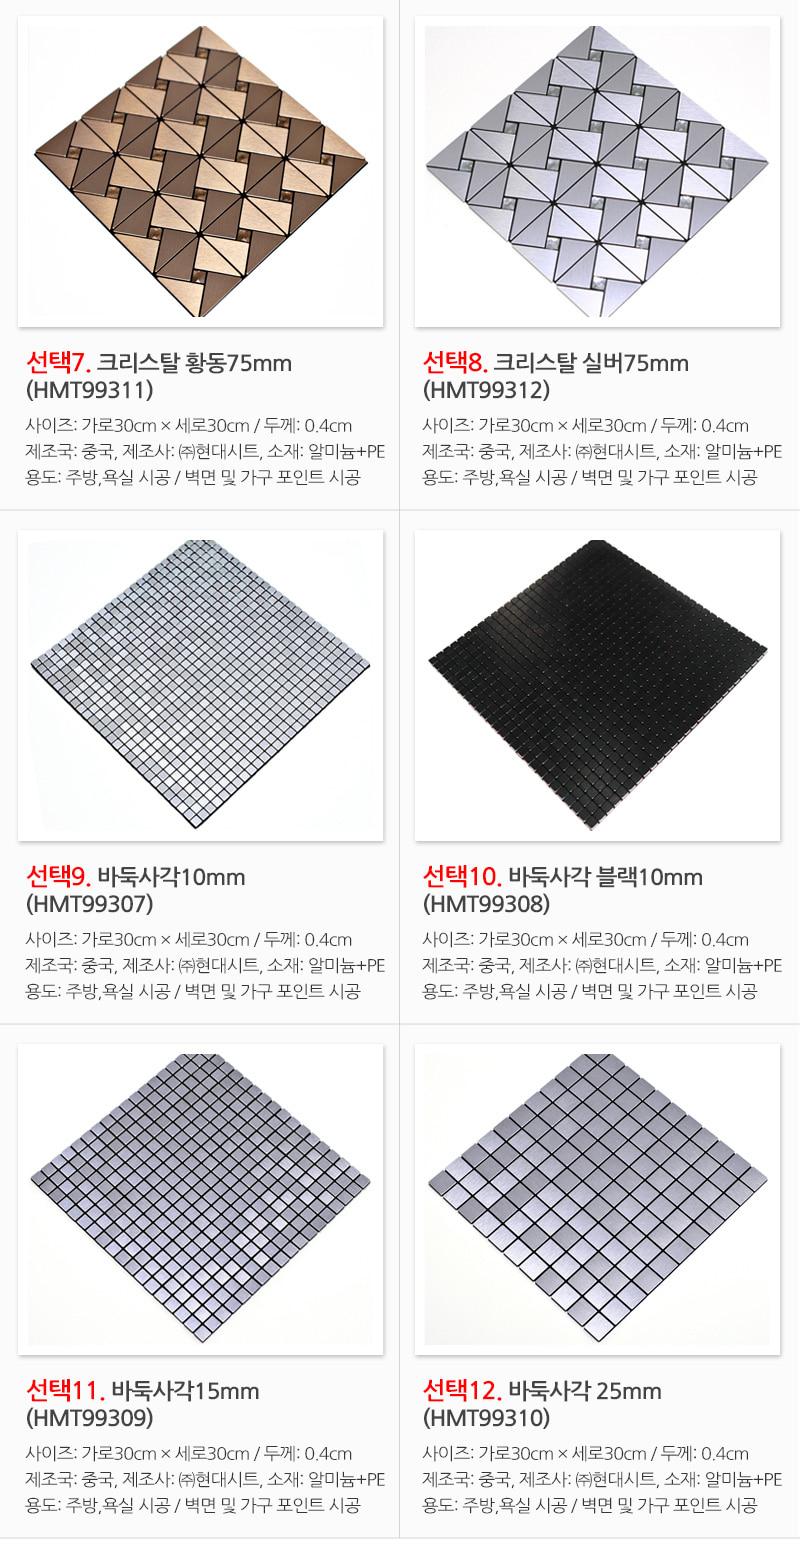 접착식 주방 알루미늄 메탈 타일 - 데코사랑, 6,560원, 타일, 인테리어타일